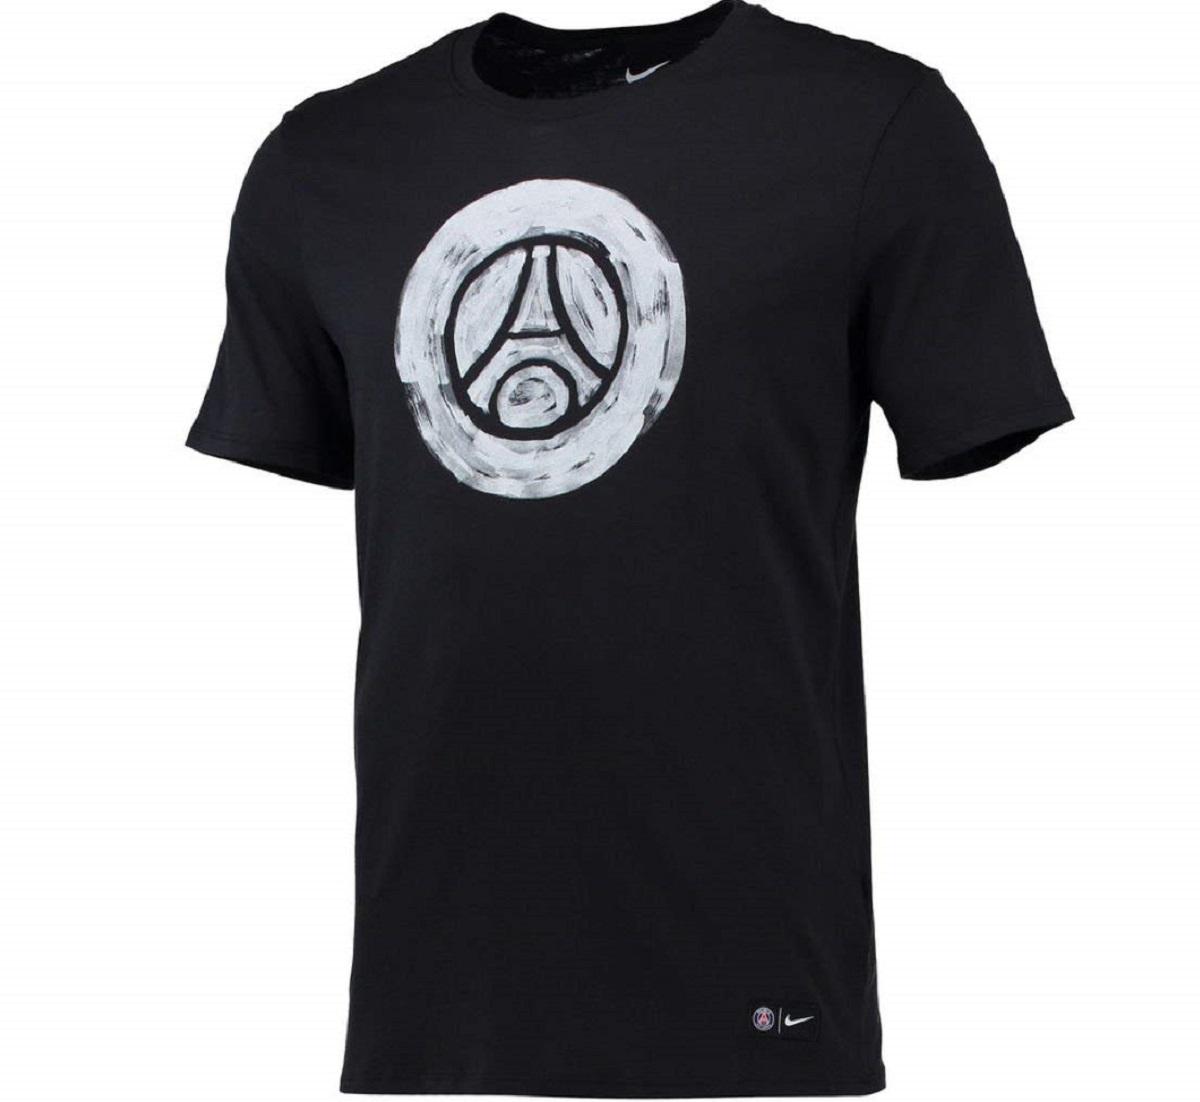 Saint Schwarz Fan Shirt Paris Fantrikots Psg Kinder T Nike Germain qEvTT1 392edb0841daf